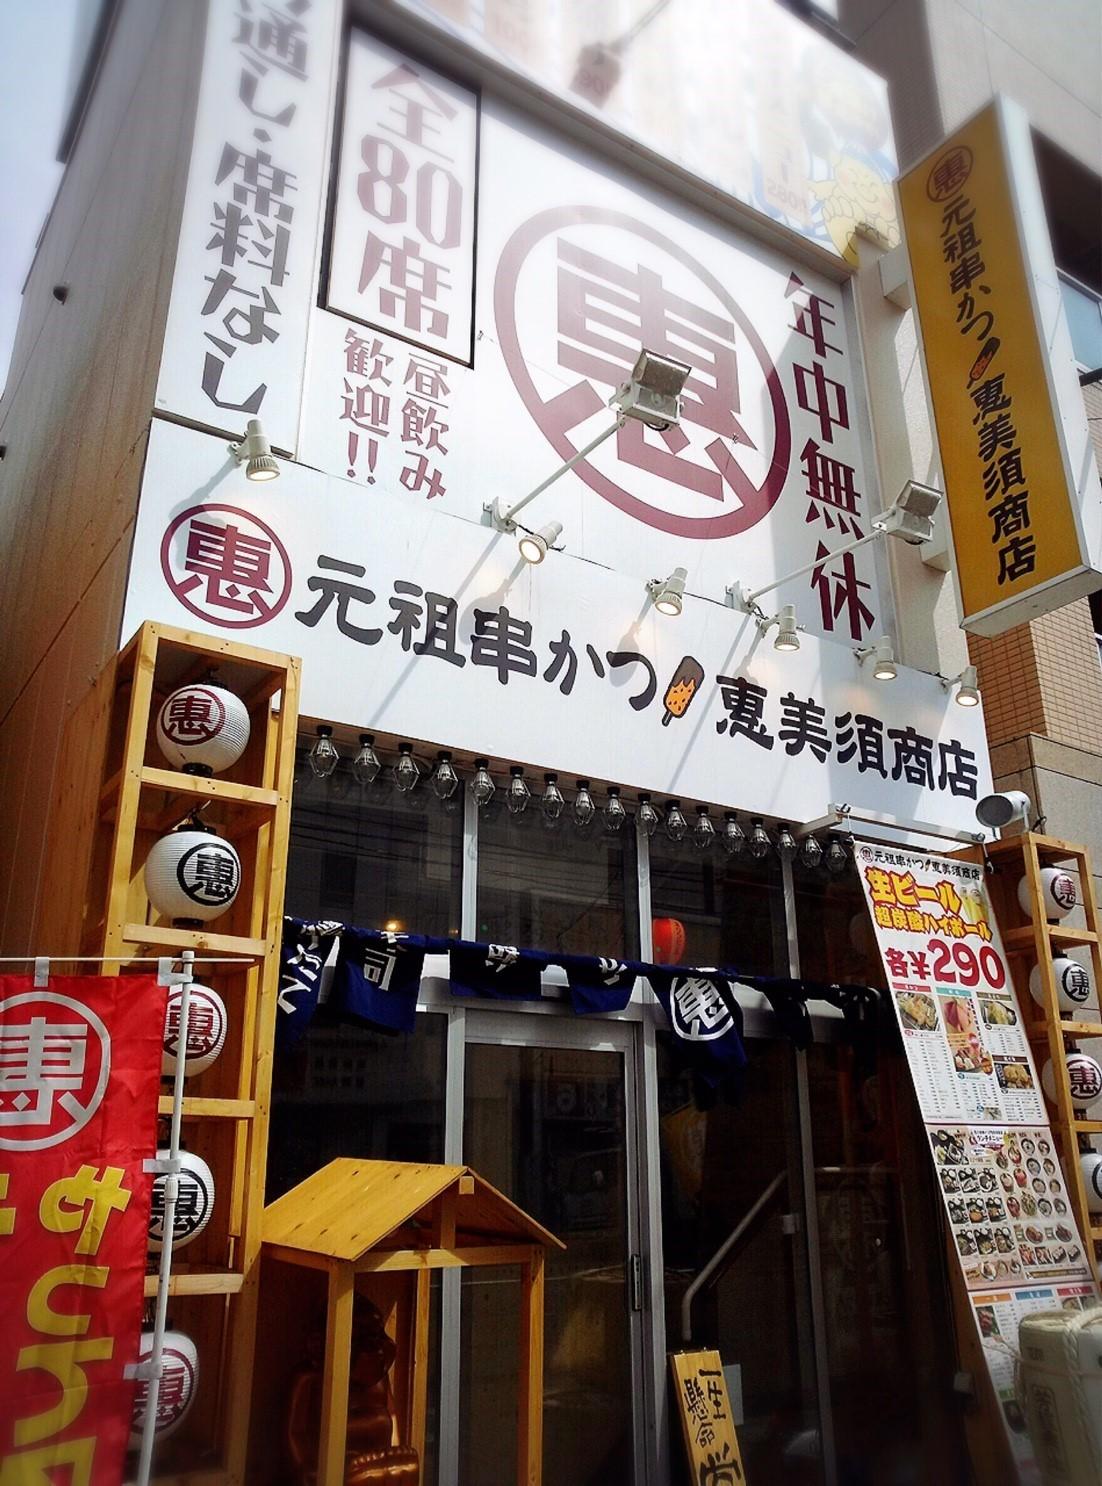 大阪屋台風居酒屋 恵美須商店/札幌市 北区_c0319645_18593992.jpg